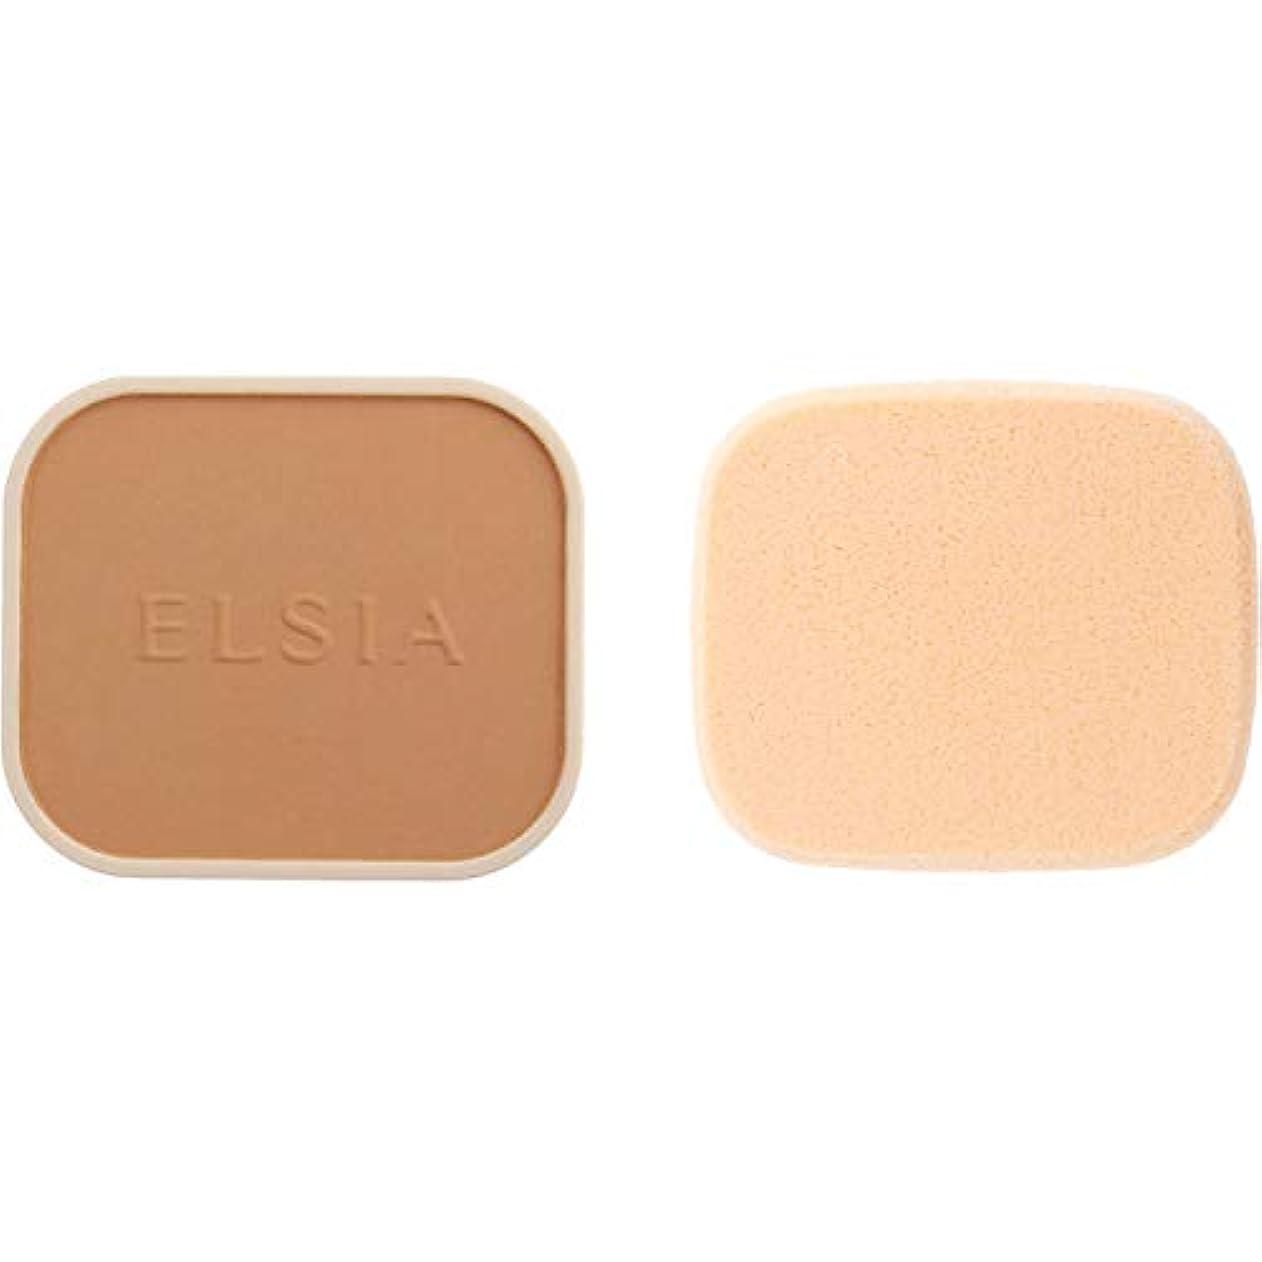 霜意味のある高めるエルシア プラチナム 化粧のり良好 モイストファンデーション(レフィル) オークル 415 9.3g